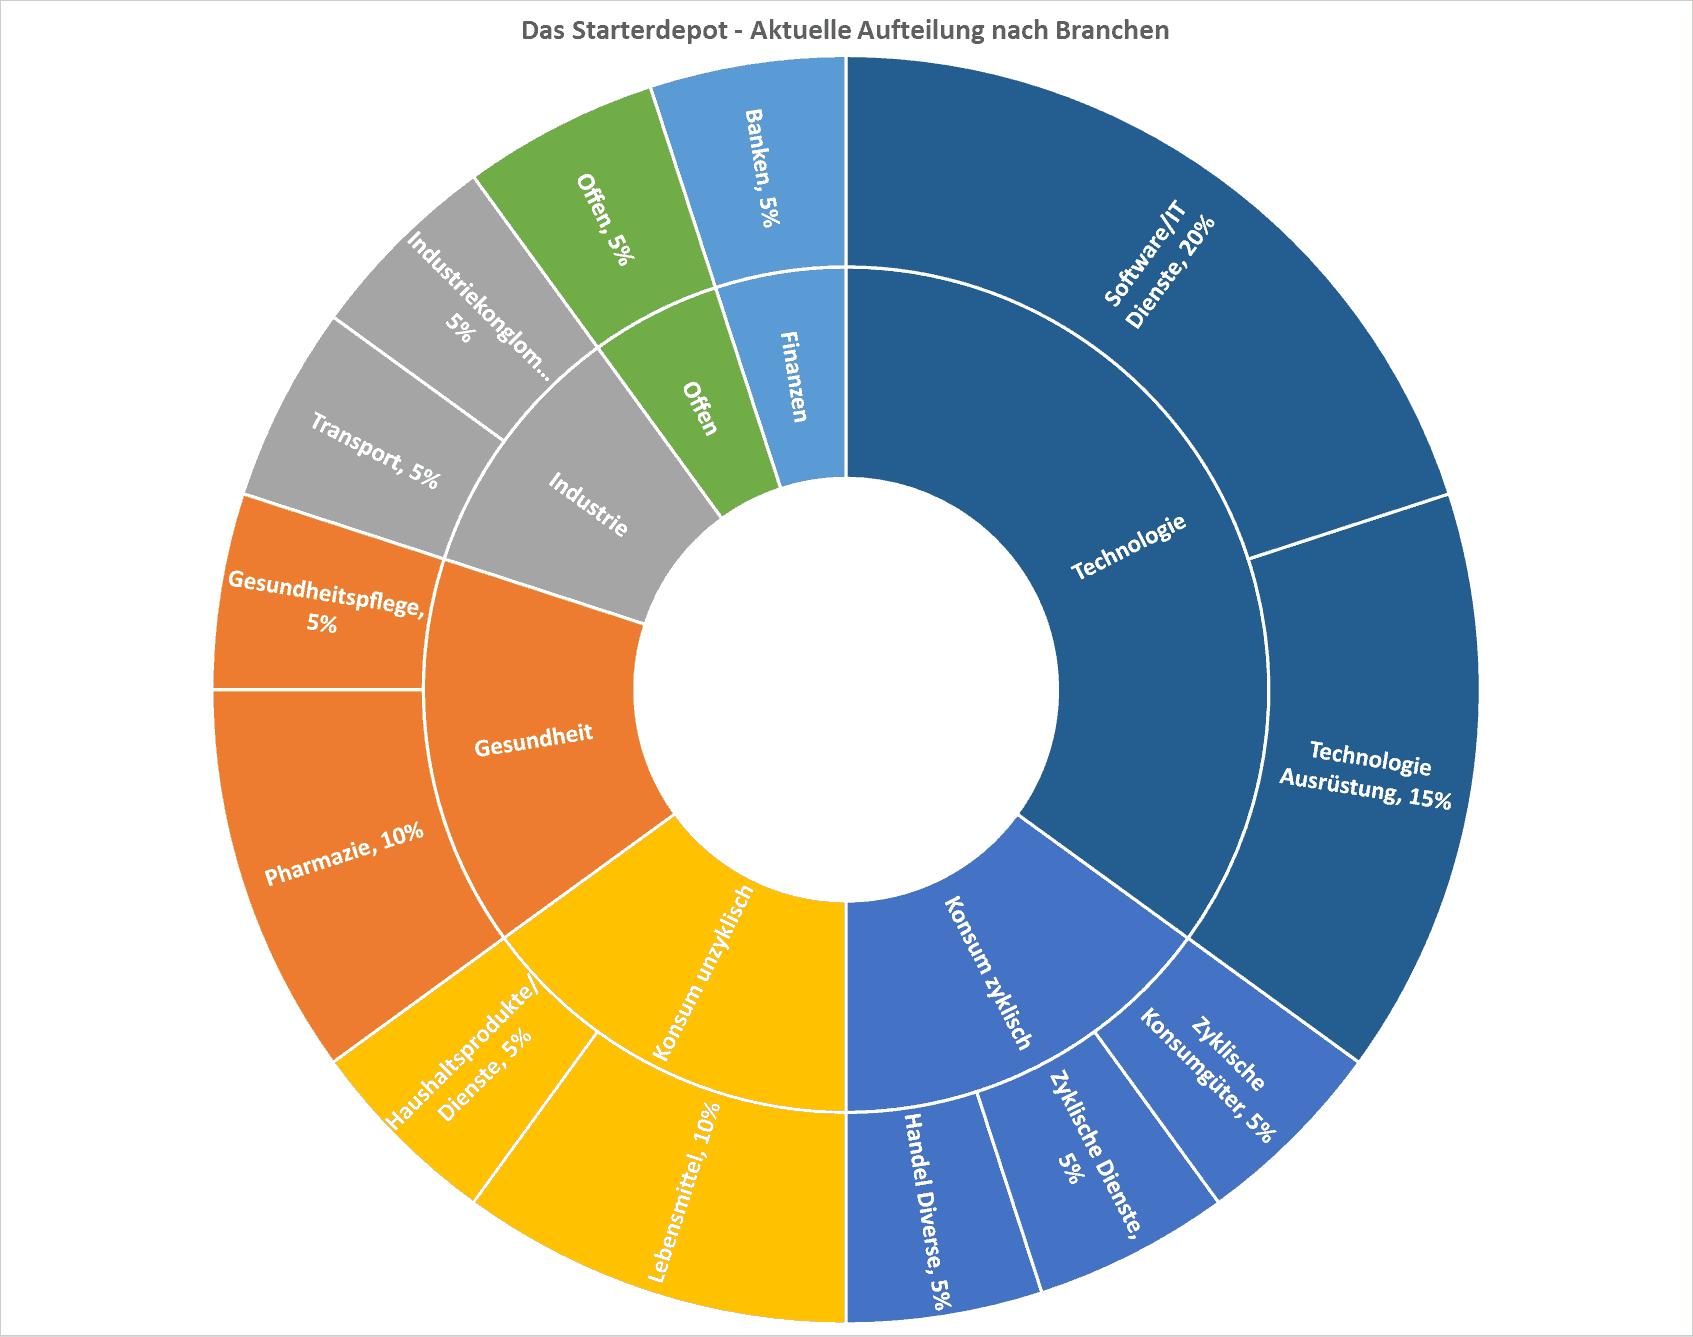 Das Starterdepot - Aufteilung nach Branchen 2019-09-18